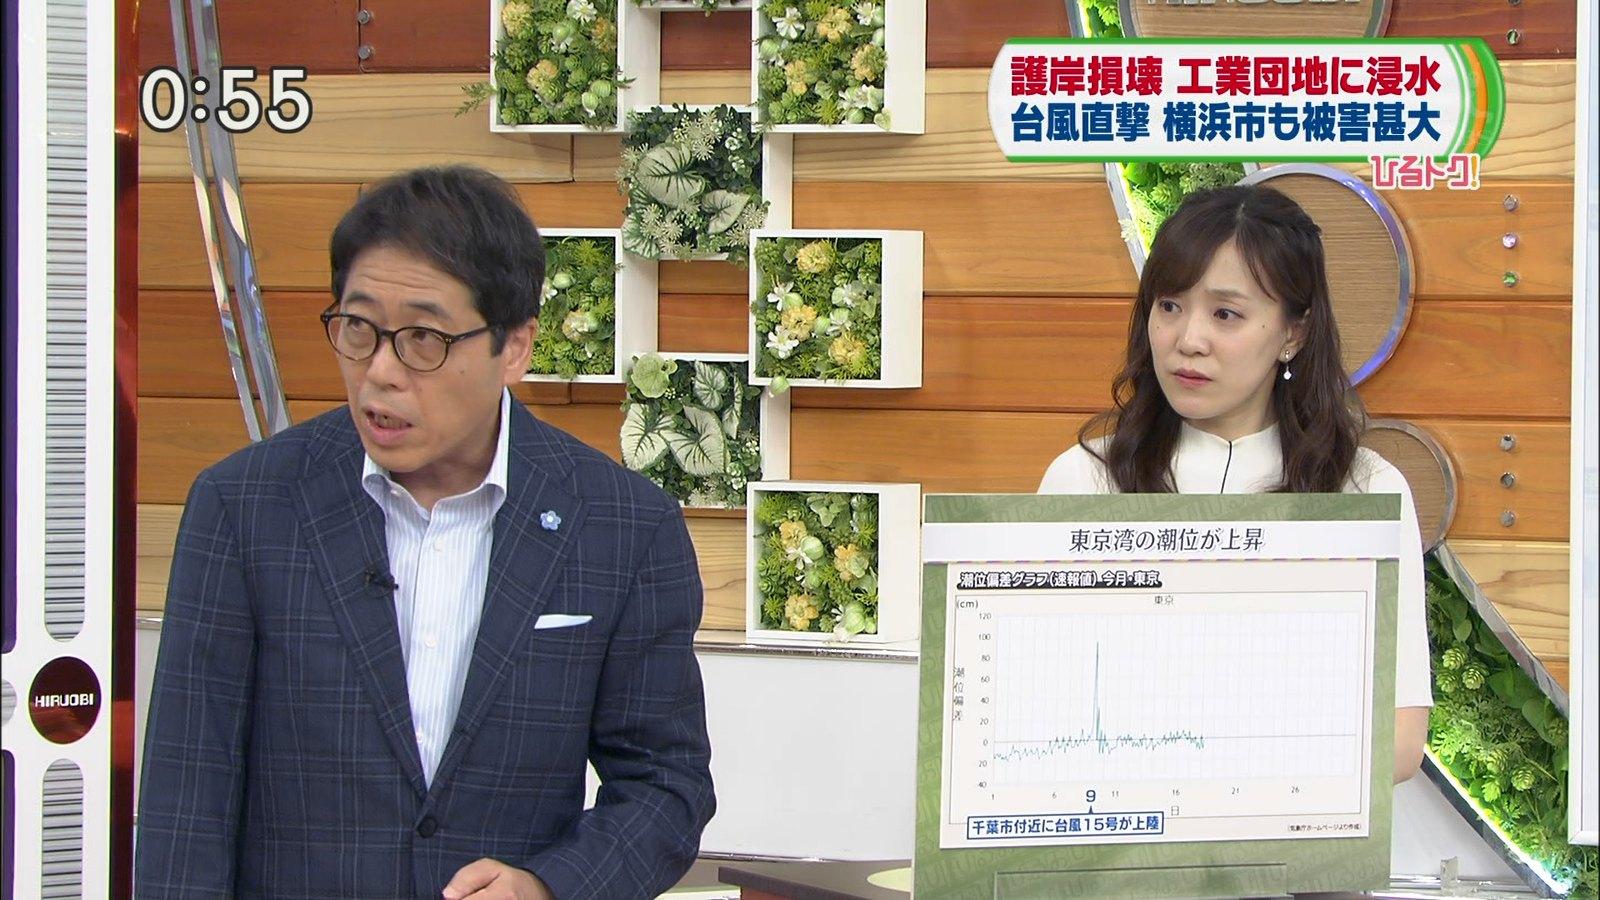 2019年9月19日に放送された「ひるおび!」に出演した女性アナウンサー・江藤愛さんのテレビキャプチャー画像-019